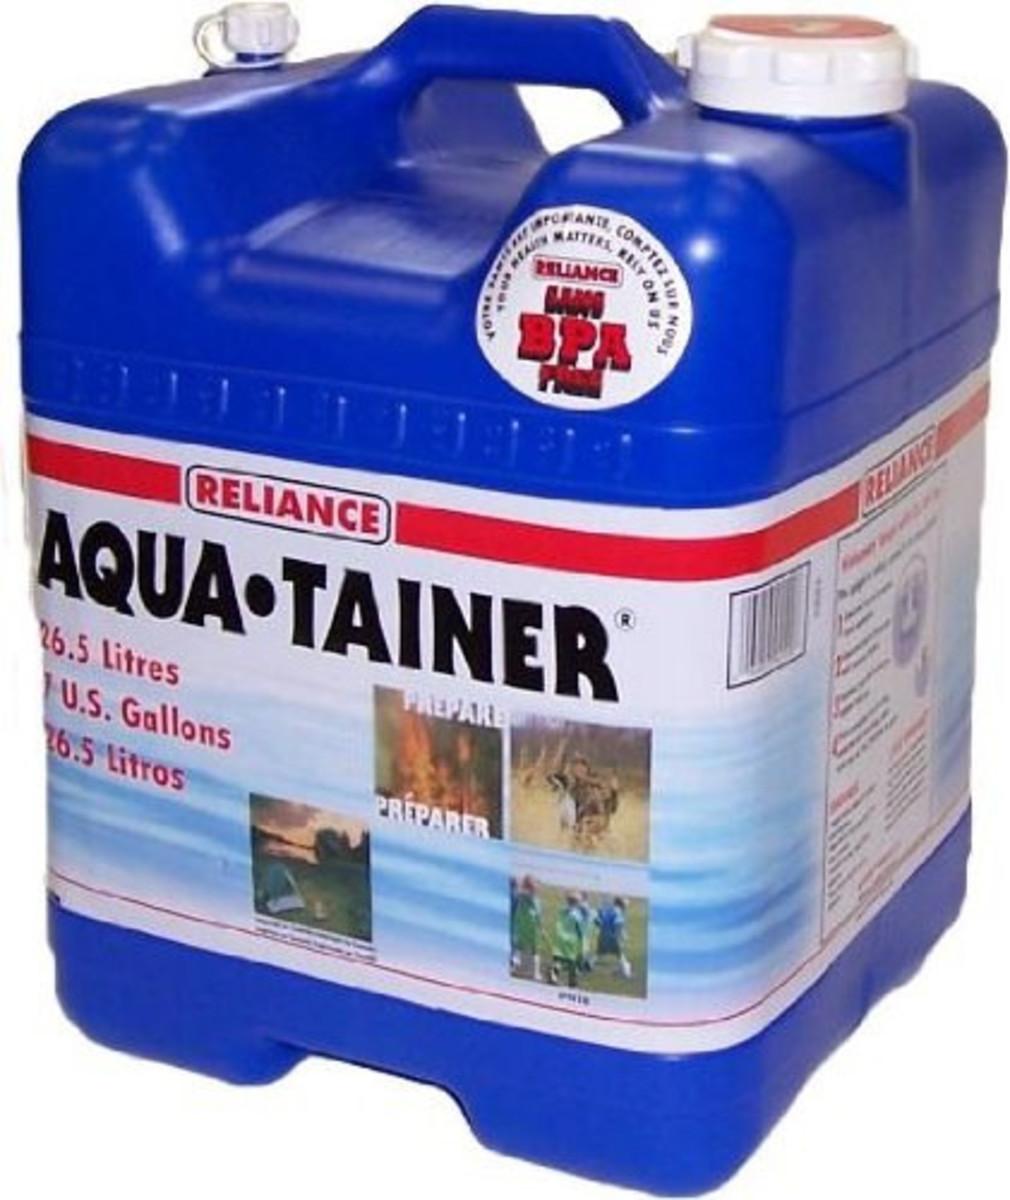 7-Gallon Rigid Water Container